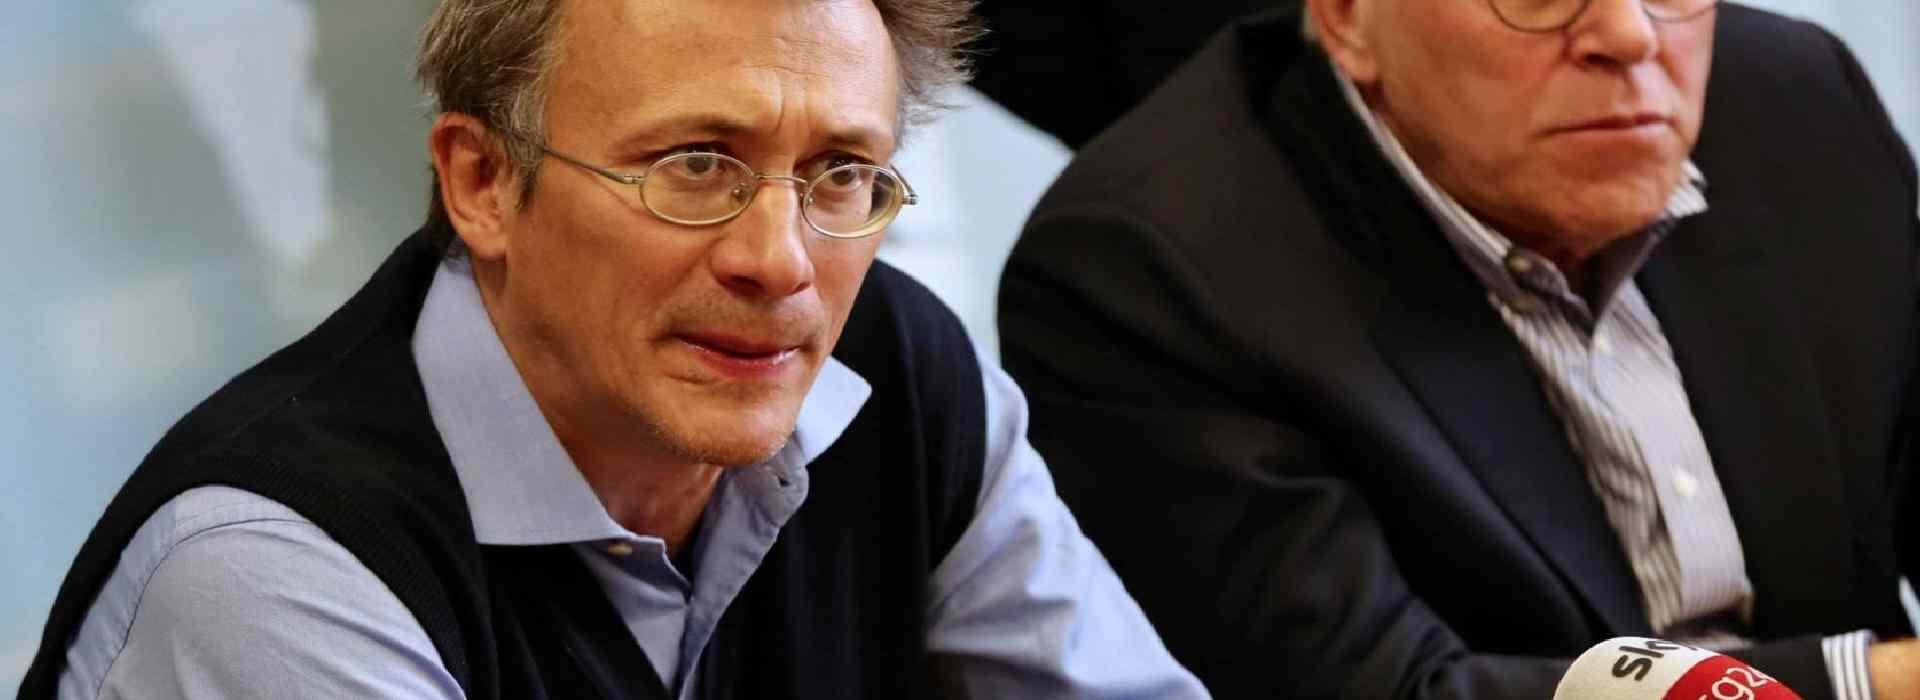 Loggia Ungheria: i fascicoli e i documenti che viaggiano tra le Procure